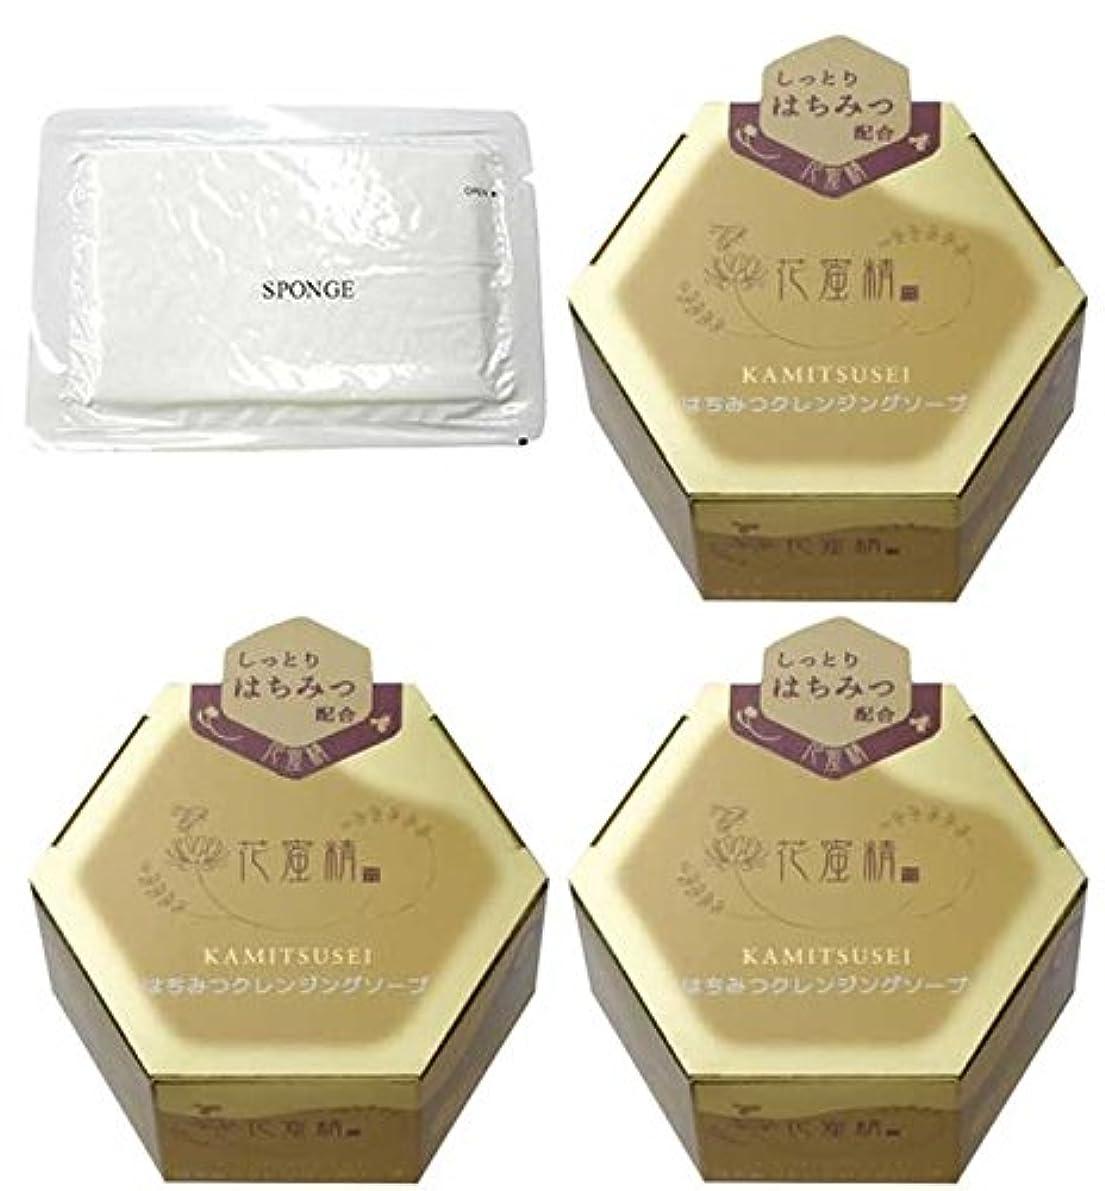 管理永遠に制限された花蜜精 はちみつクレンジングソープ 85g 3個 + 圧縮スポンジセット